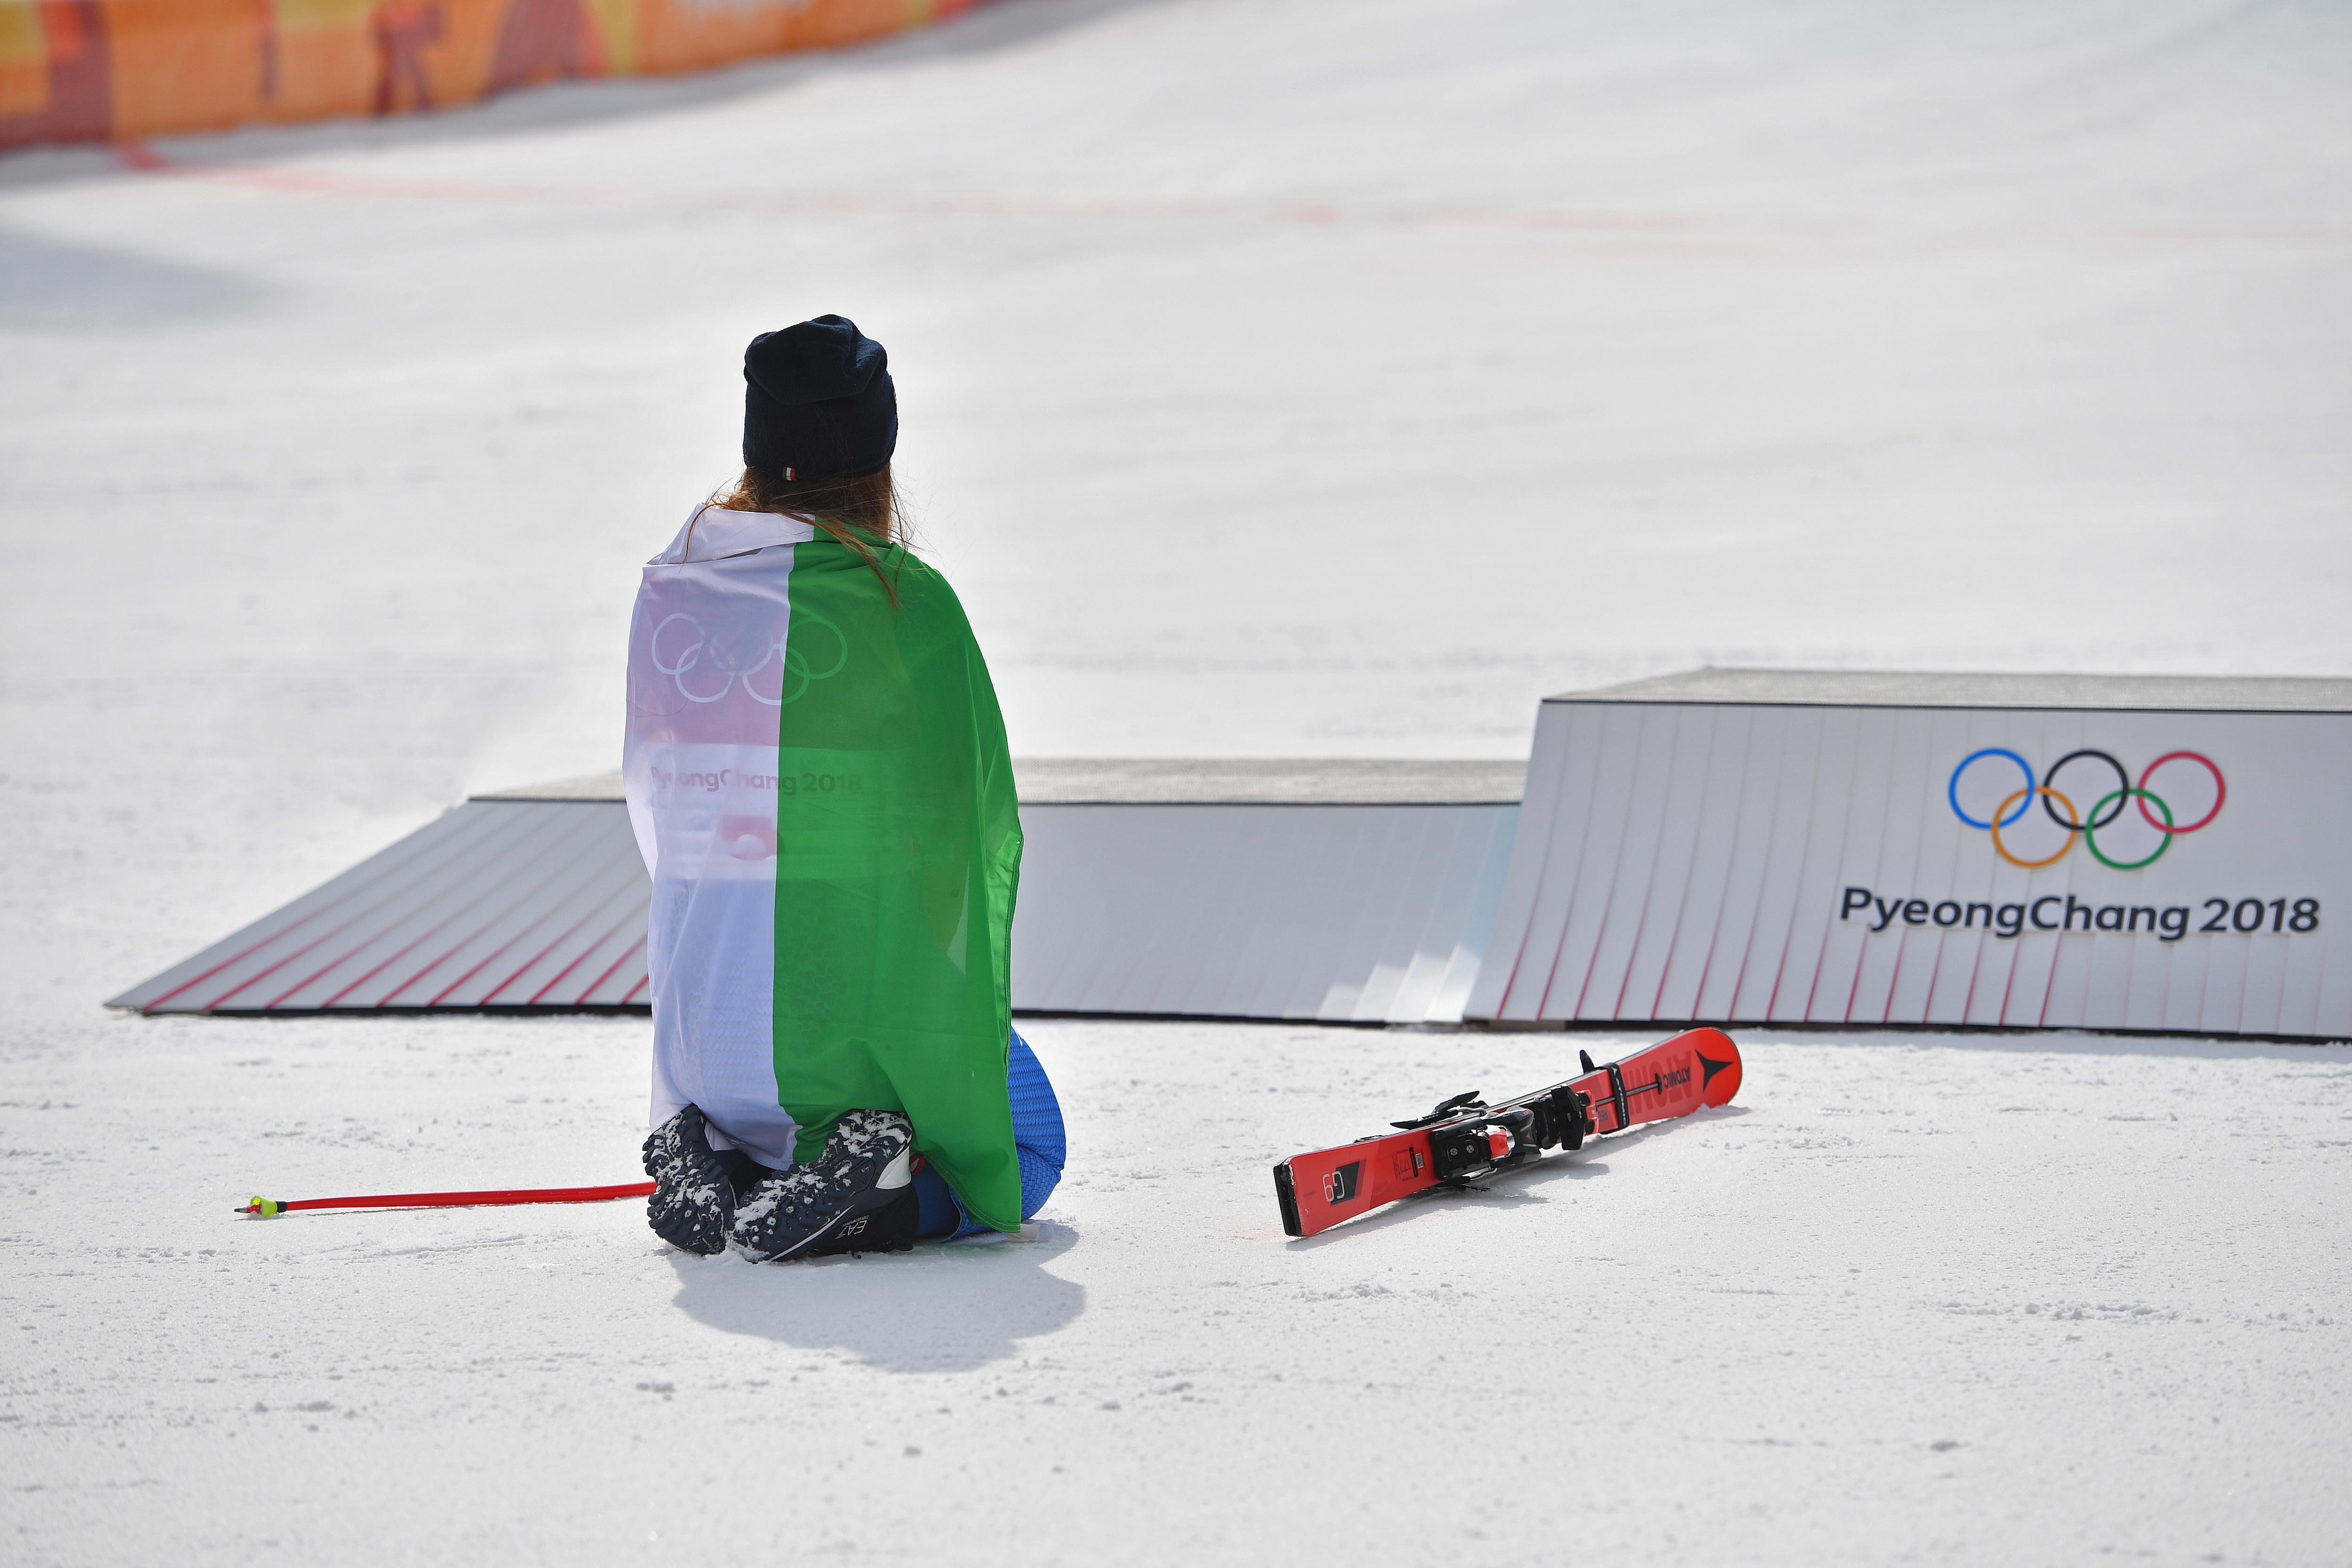 Le foto più belle della sciatrice Sofia Goggia, oro alle Olimpiadi / Image 14